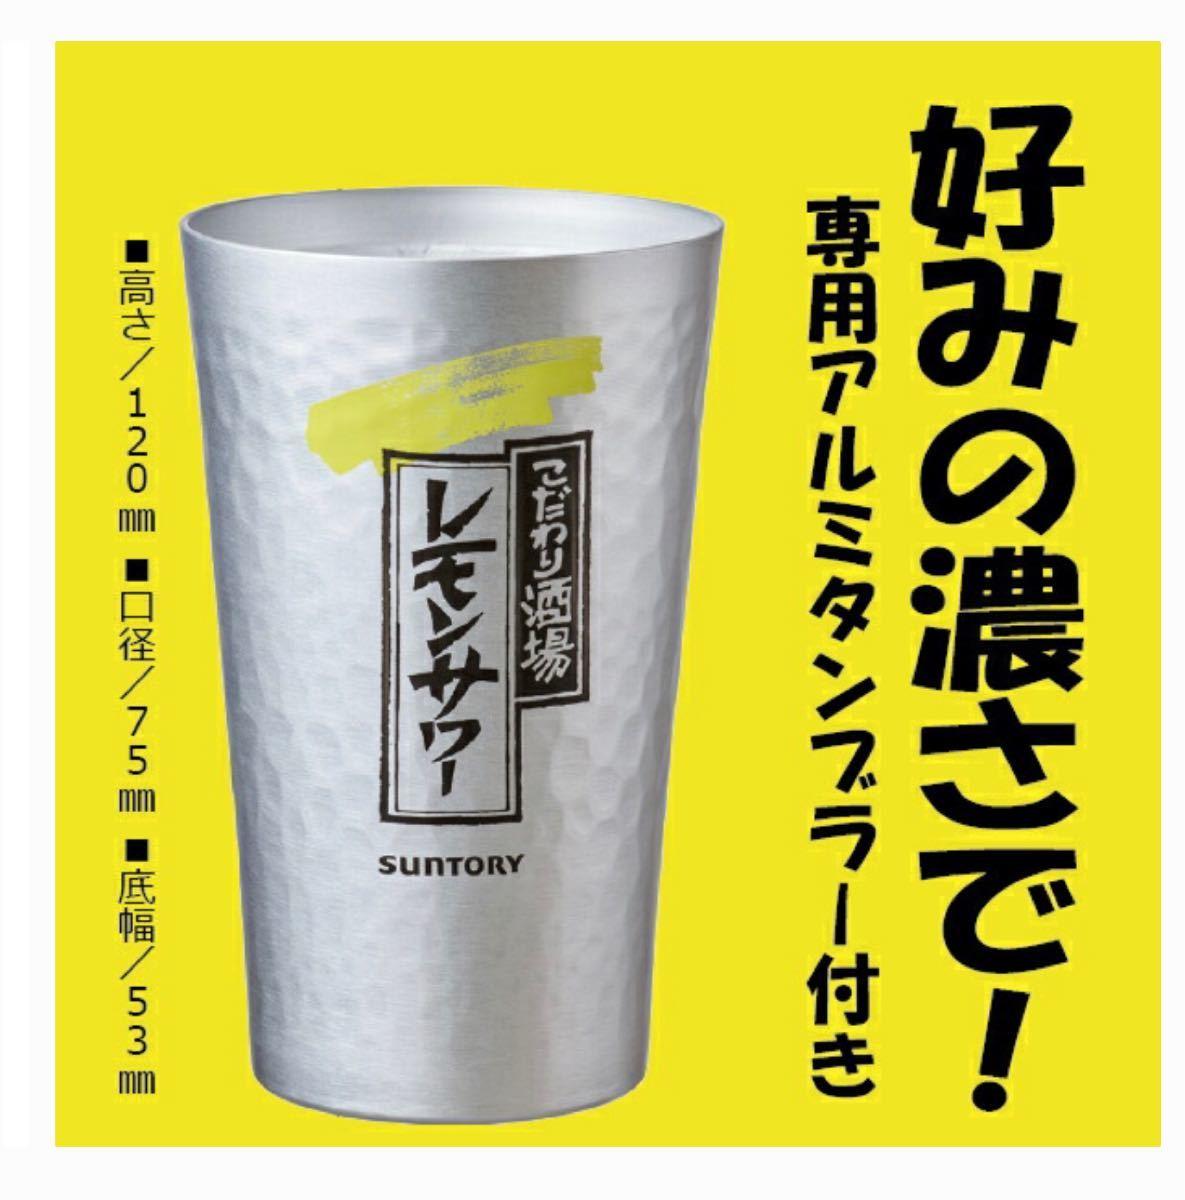 (レ1-208)こだわり酒場のレモンサワー 濃いめのレモンサワー タンブラー 飲み比べ